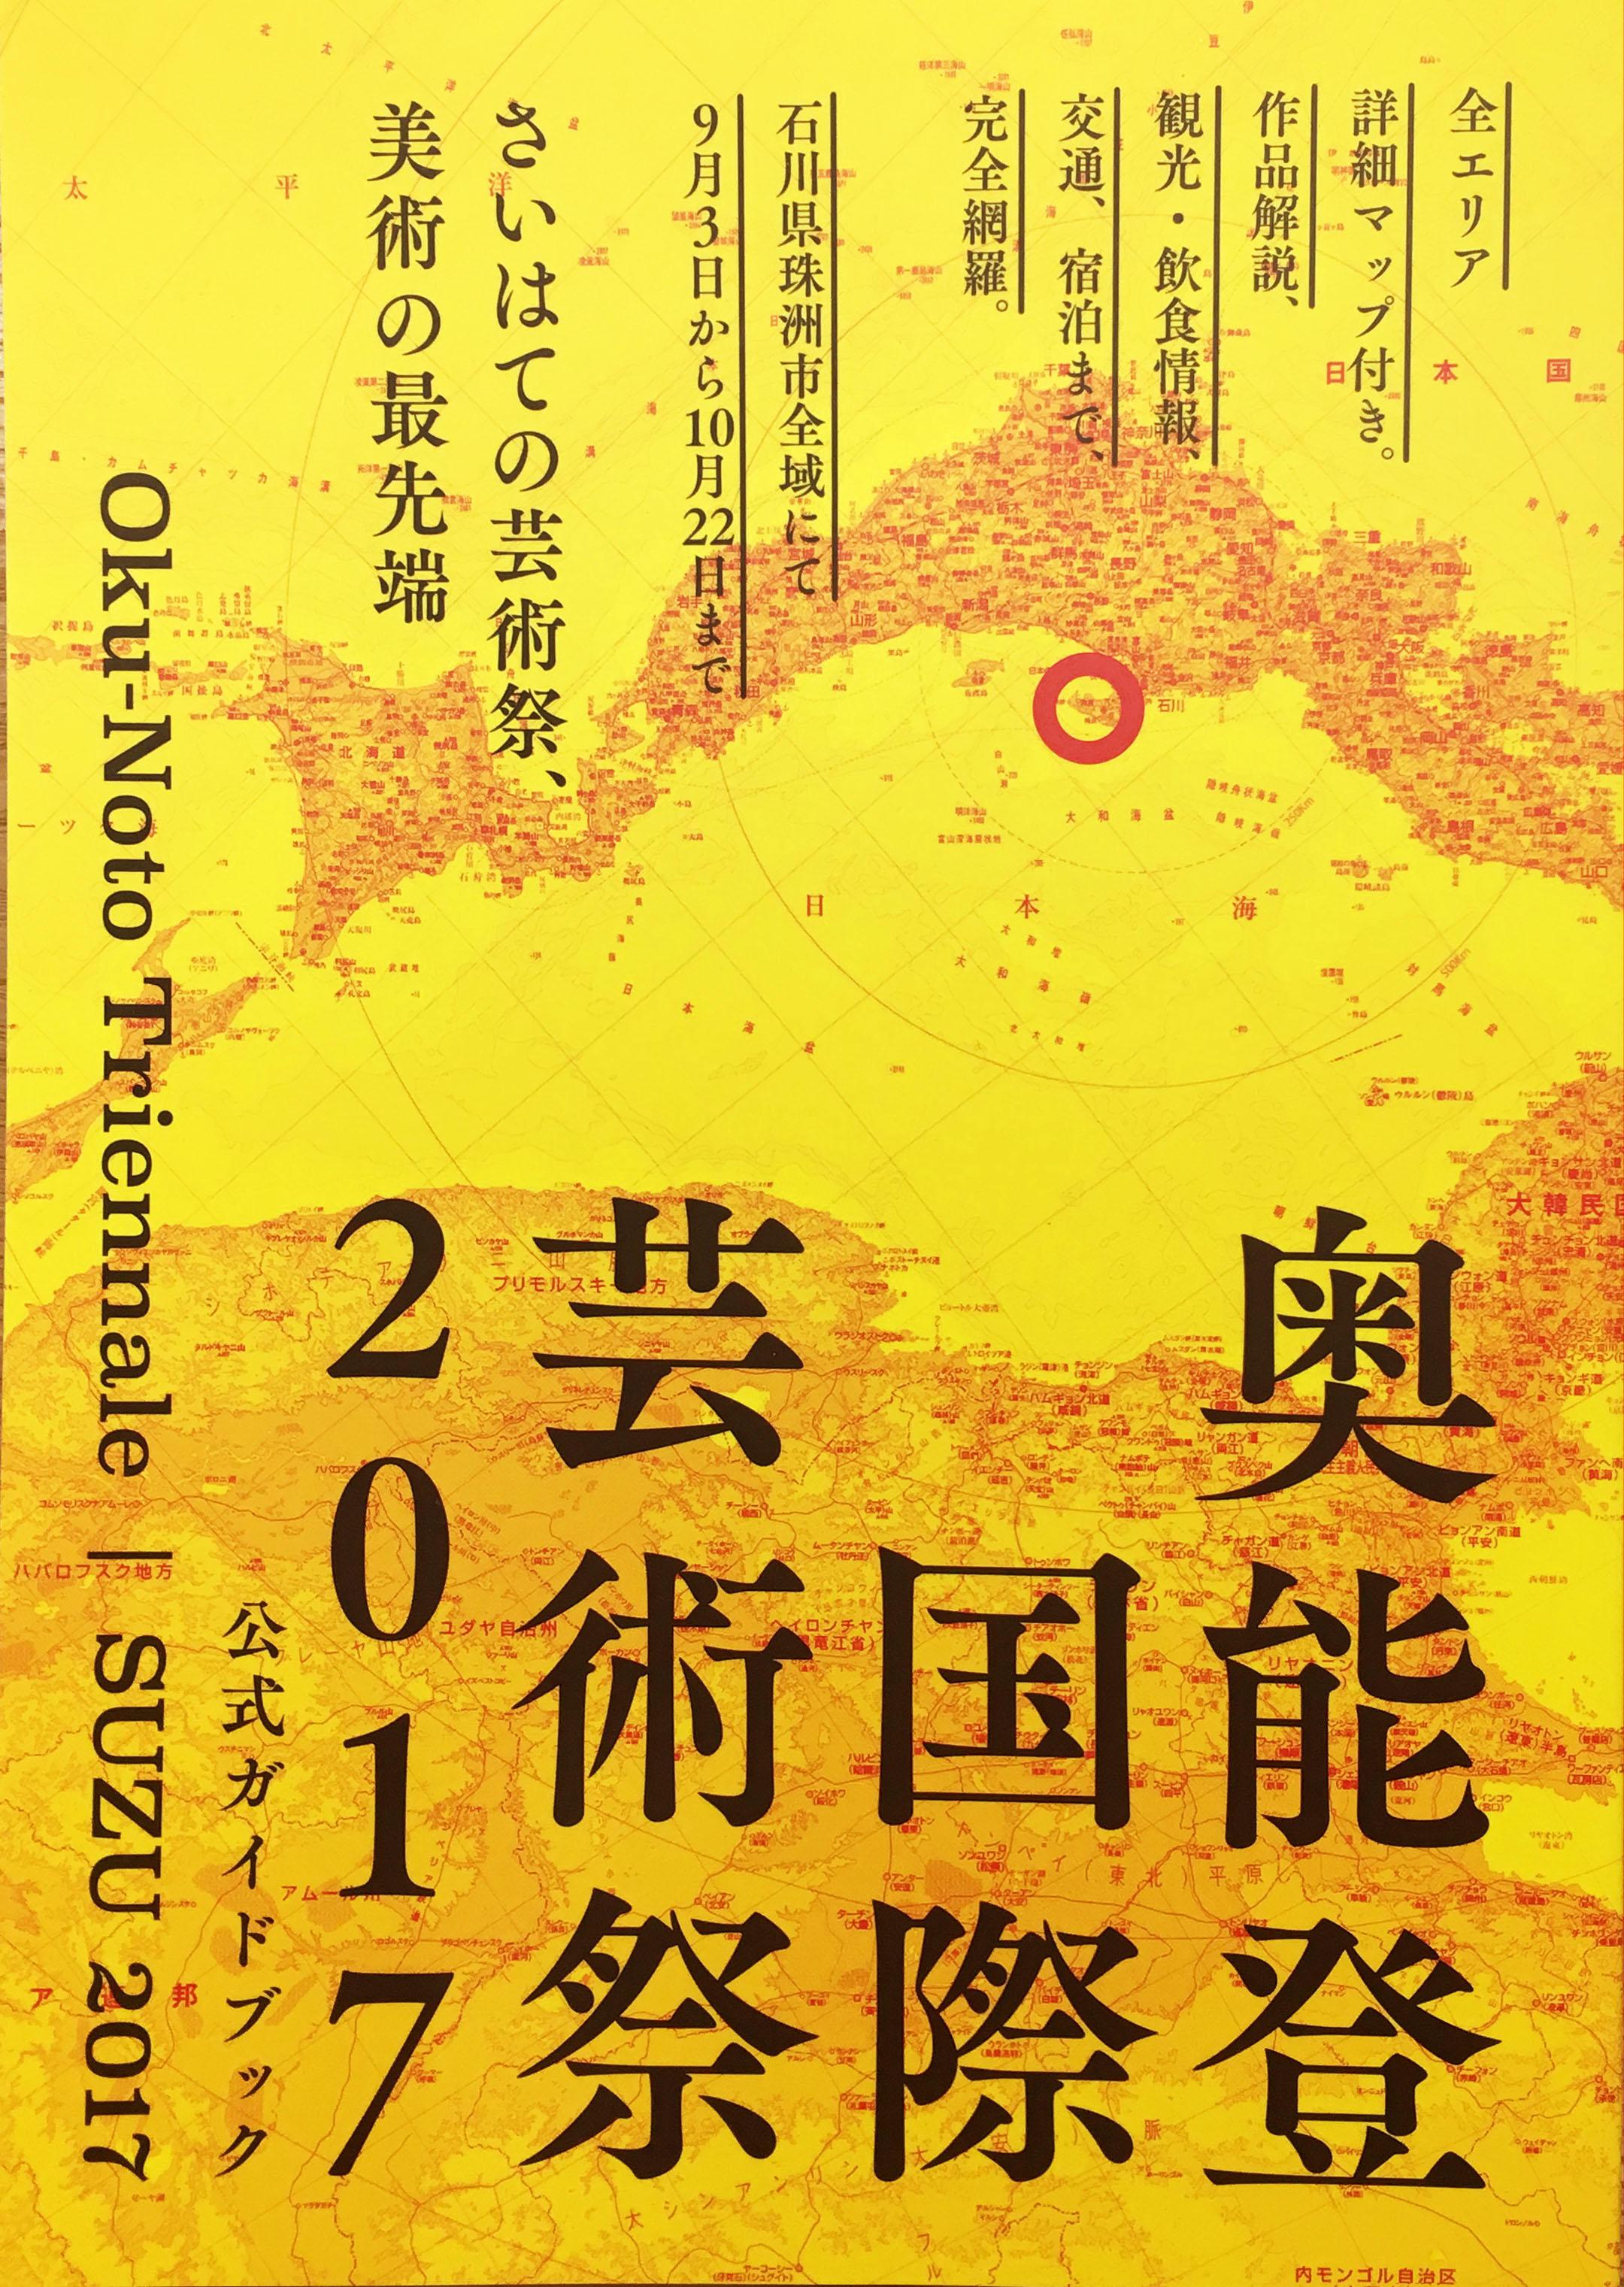 OKU-NOTO triennale SUZU 2017 Official Guide Book